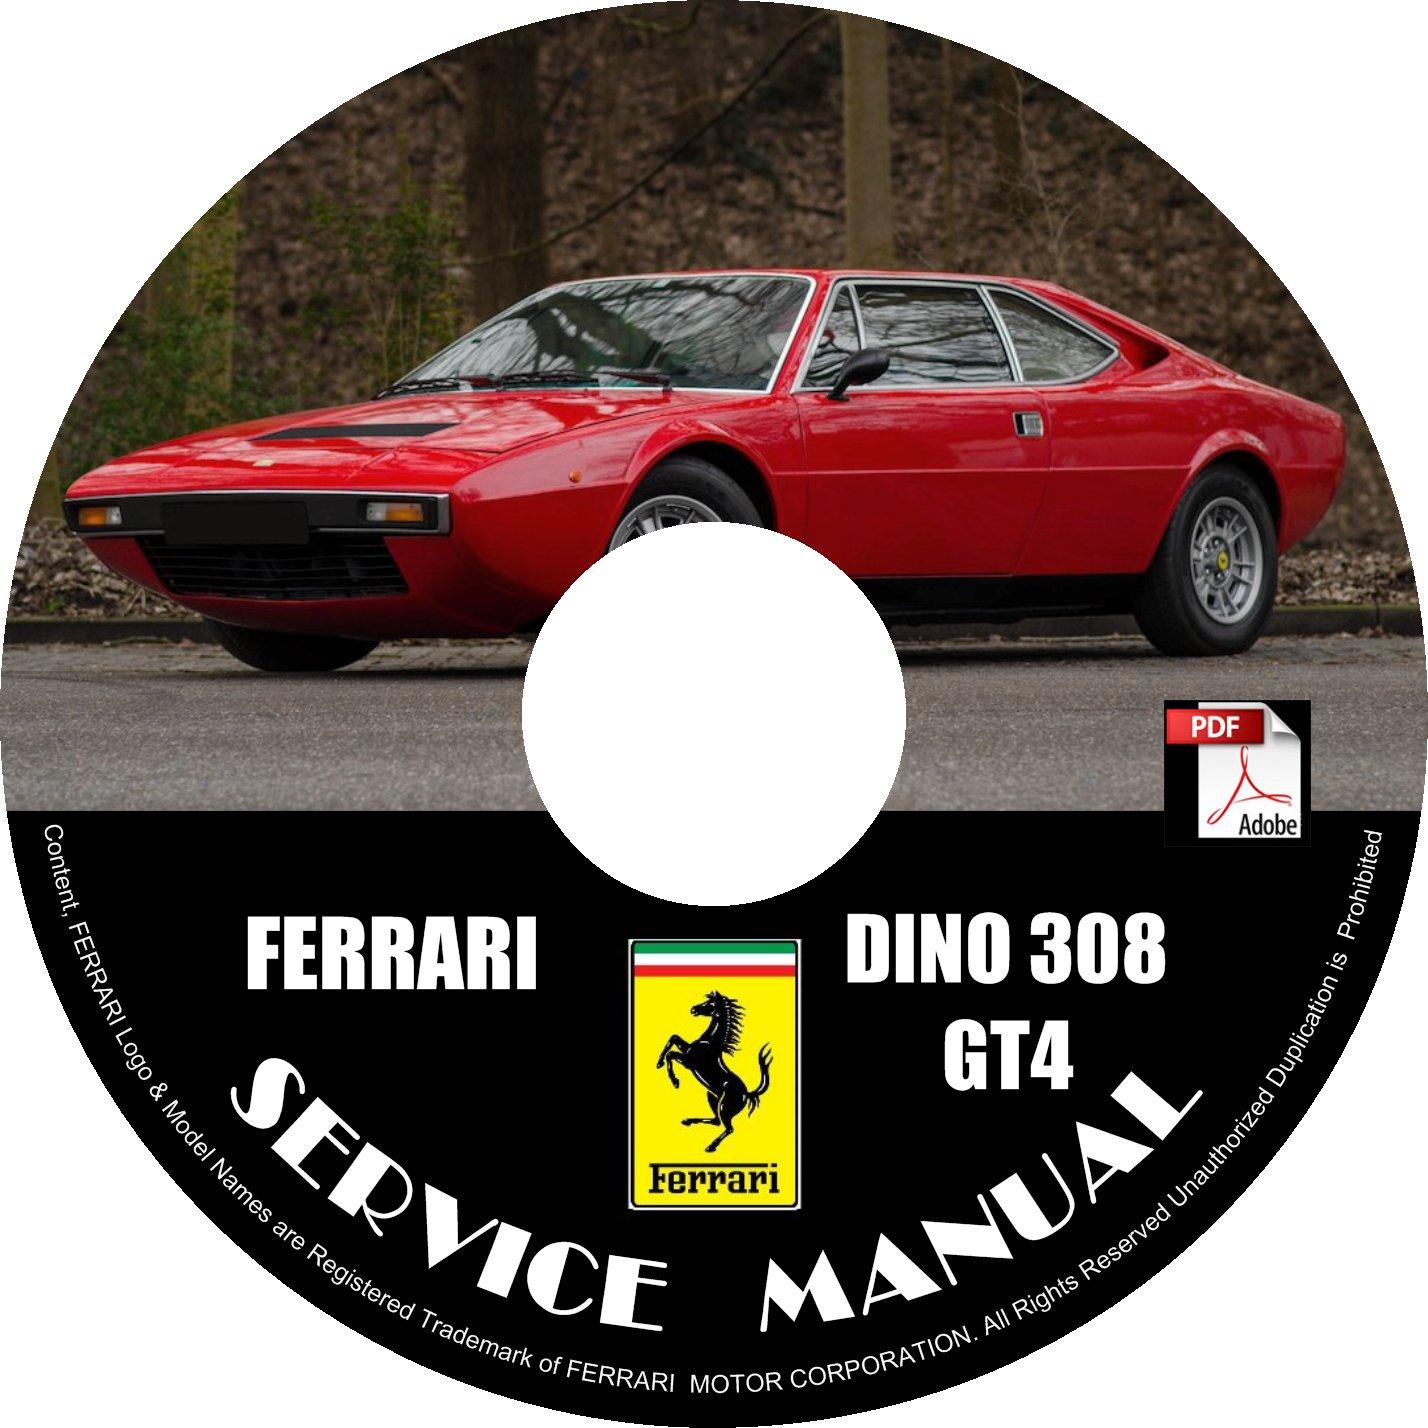 1974 Ferrari Dino 308 GT4 Factory Service Repair Shop Manual on CD Fix Rebuilt